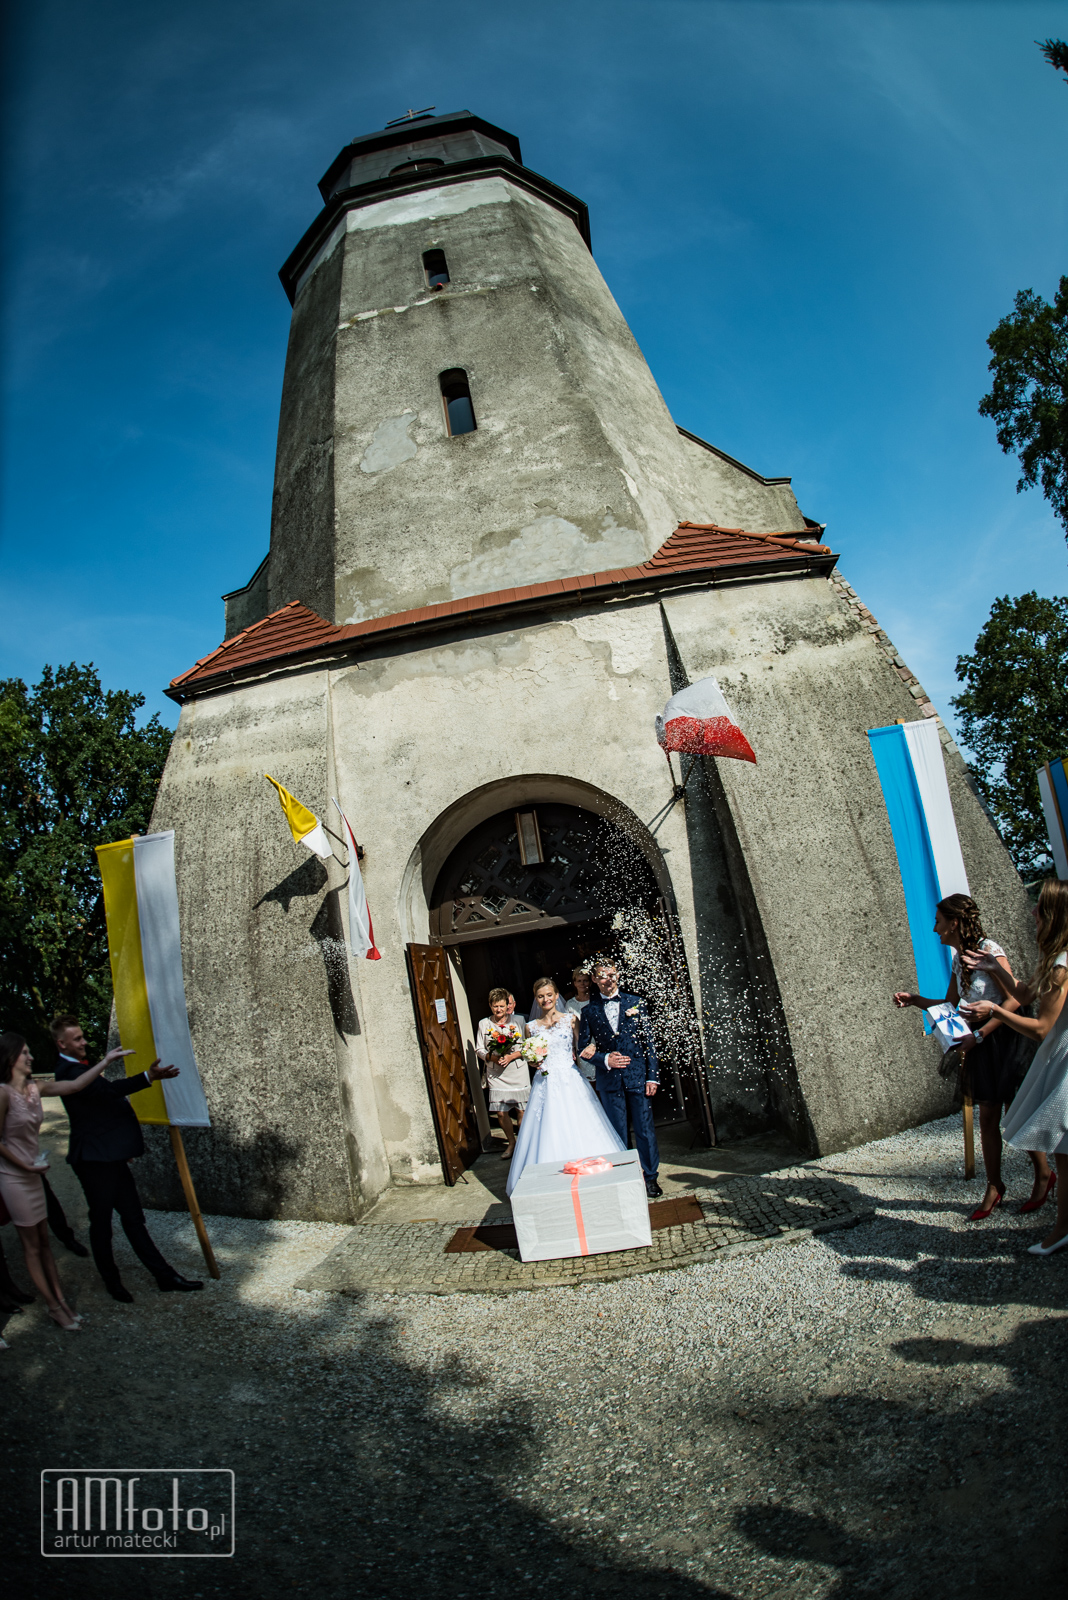 0509_Magdalena&Pawel_fotoreportaz_slub_wesele_poprawiny_odolanow_mikstat____www-amfoto-pl__AMF_0981.jpg